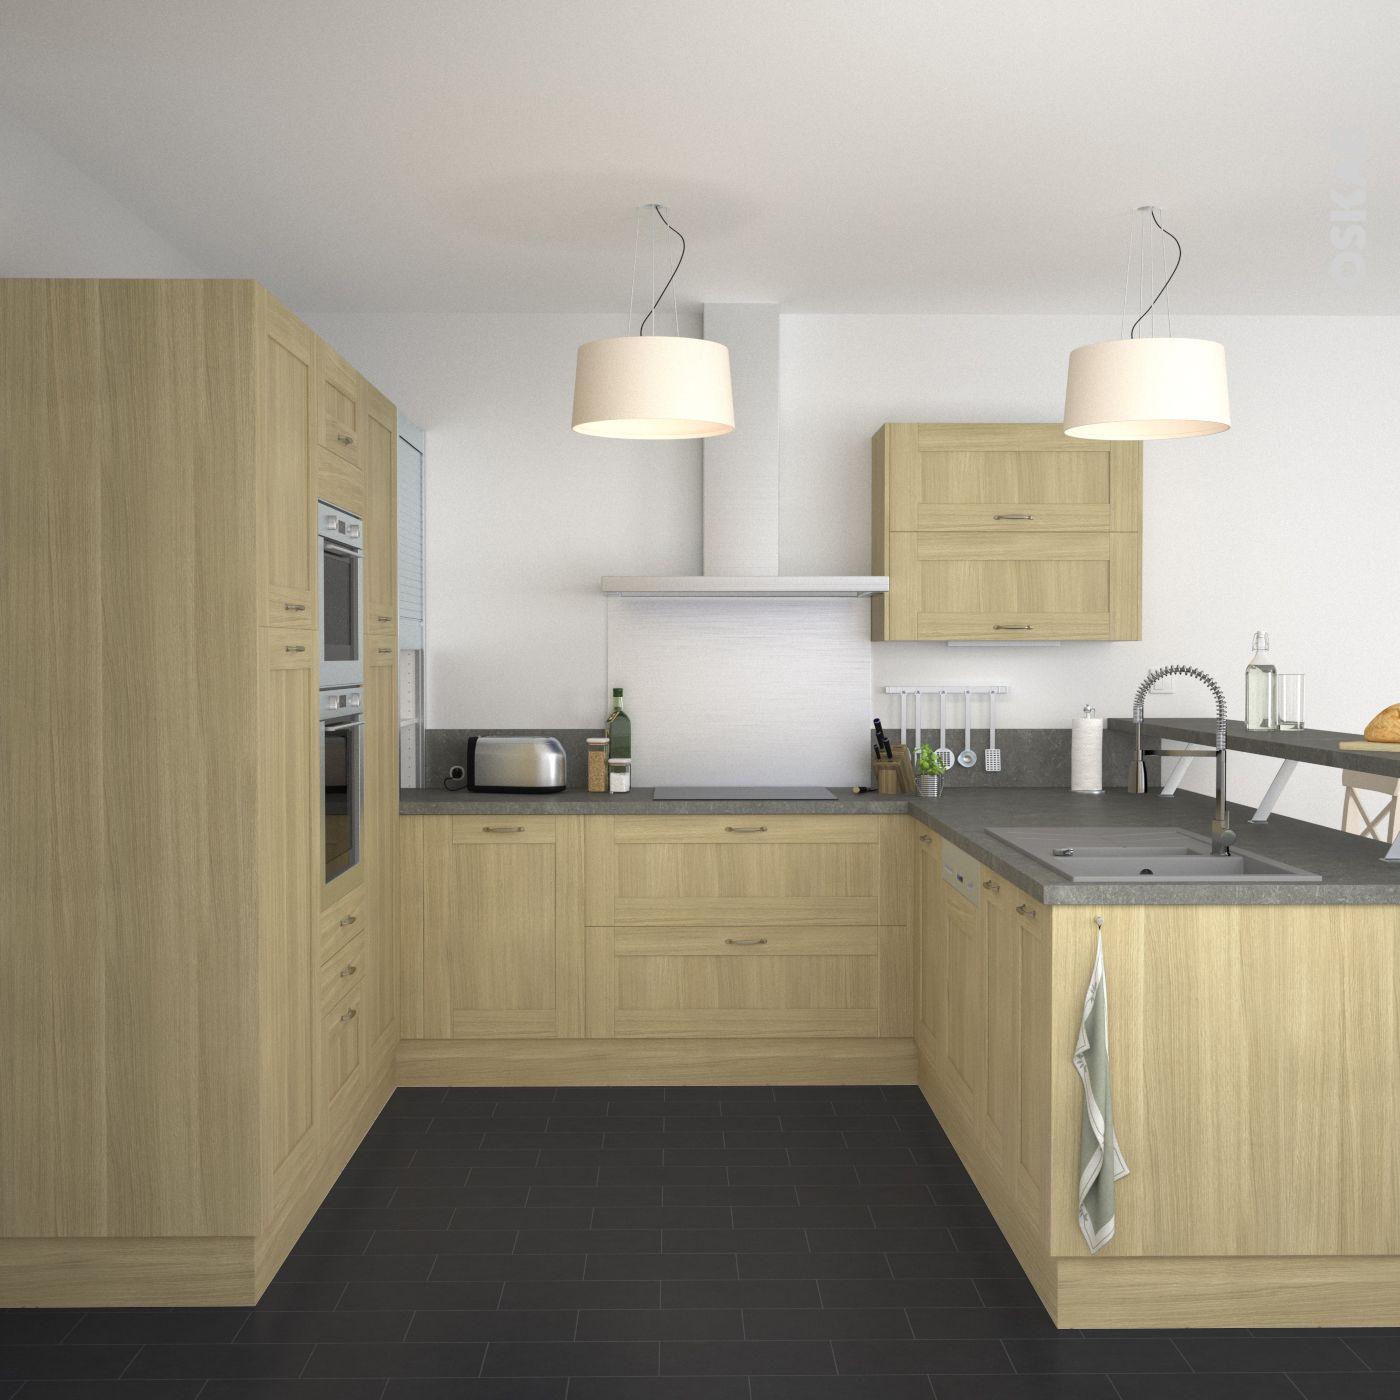 cuisine avec plan de travail granit et façades bois. | salle a ... - Cuisiniste Plan De Campagne